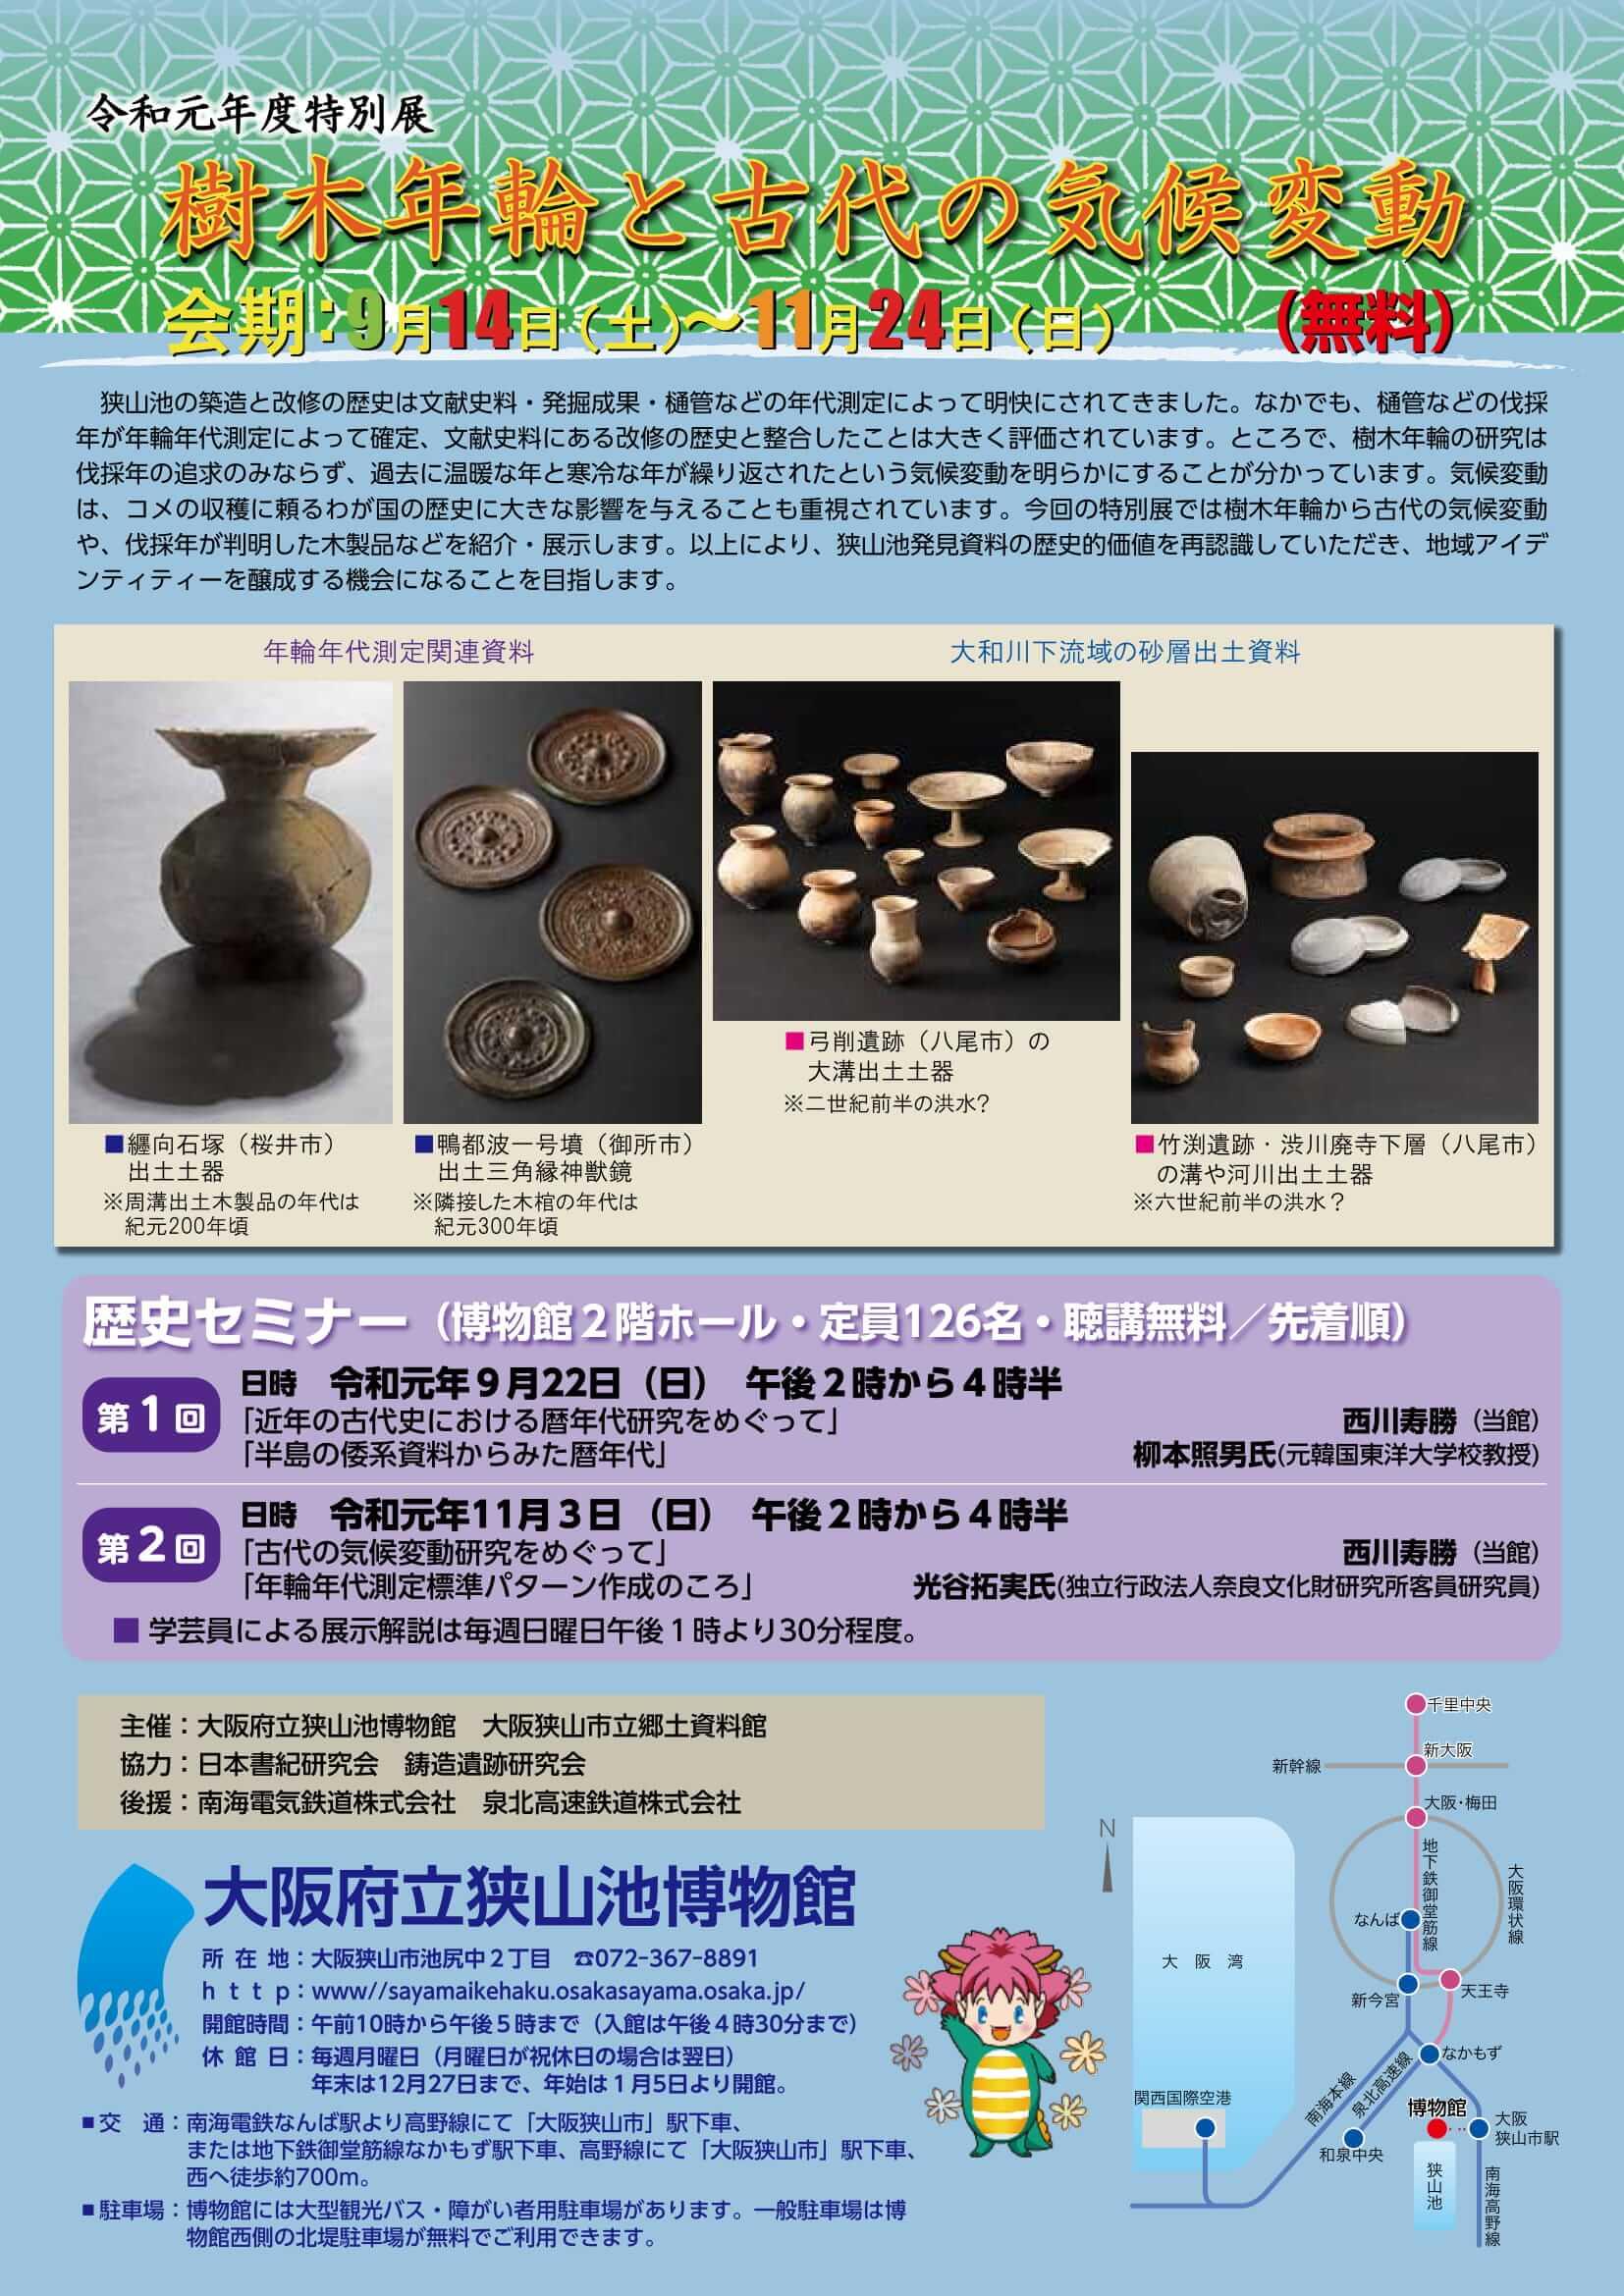 令和元年度特別展「樹木年輪と古代の気候変動」が狭山池博物館で2019年9月14日から11月24日まで開催 (2)